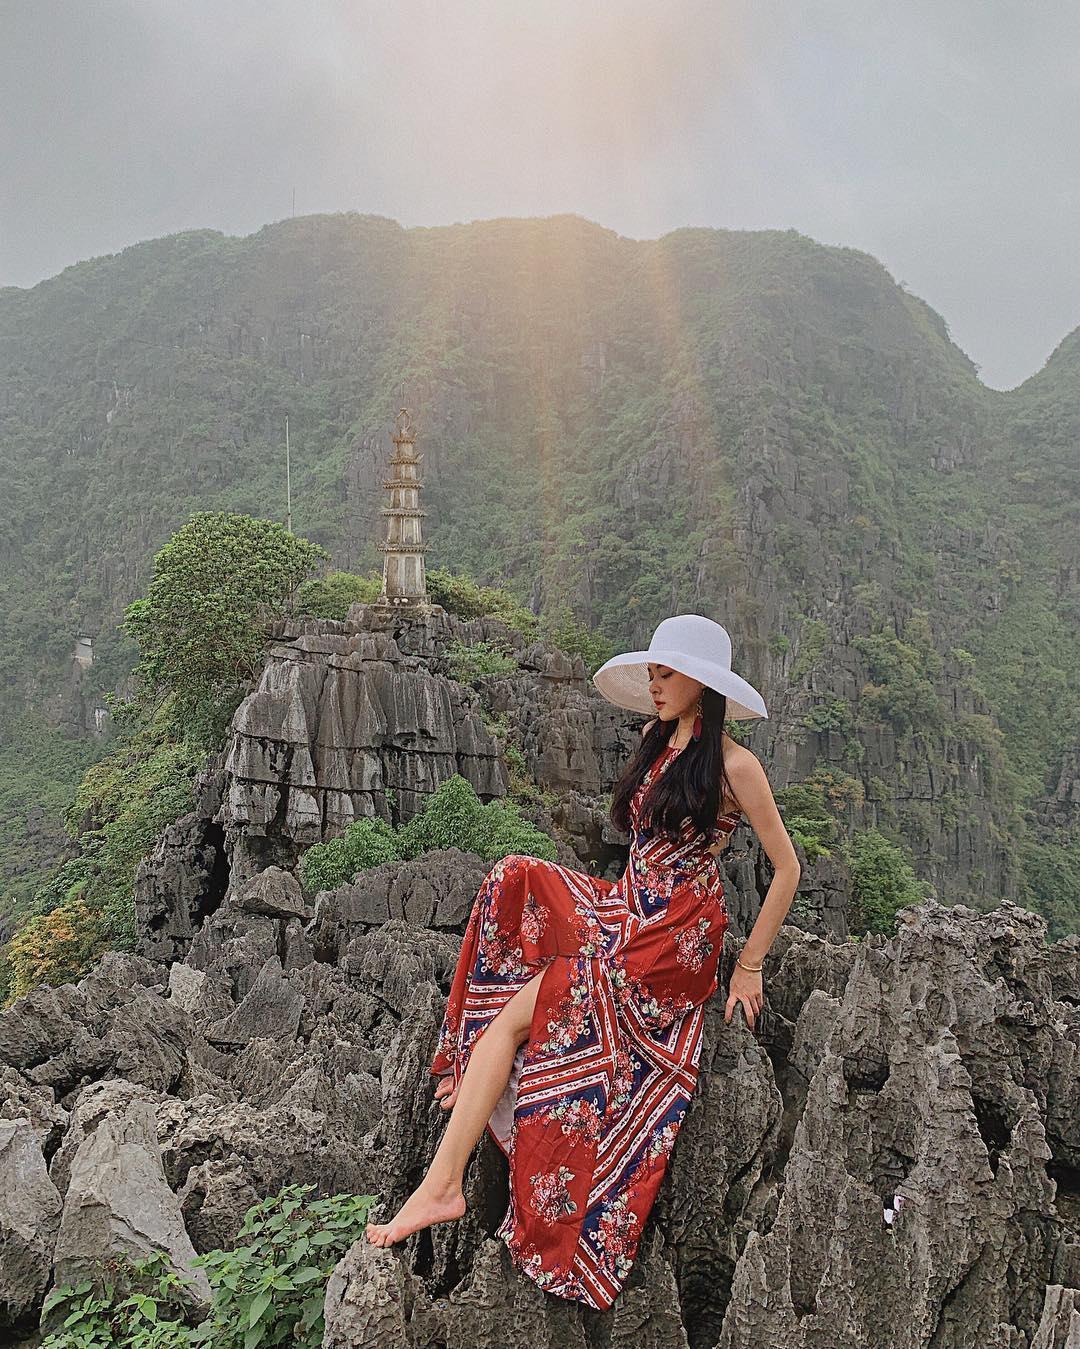 Dọc miền đất nước khám phá cảnh đẹp Ninh Bình, Huế, Đà Lạt Ảnh 2